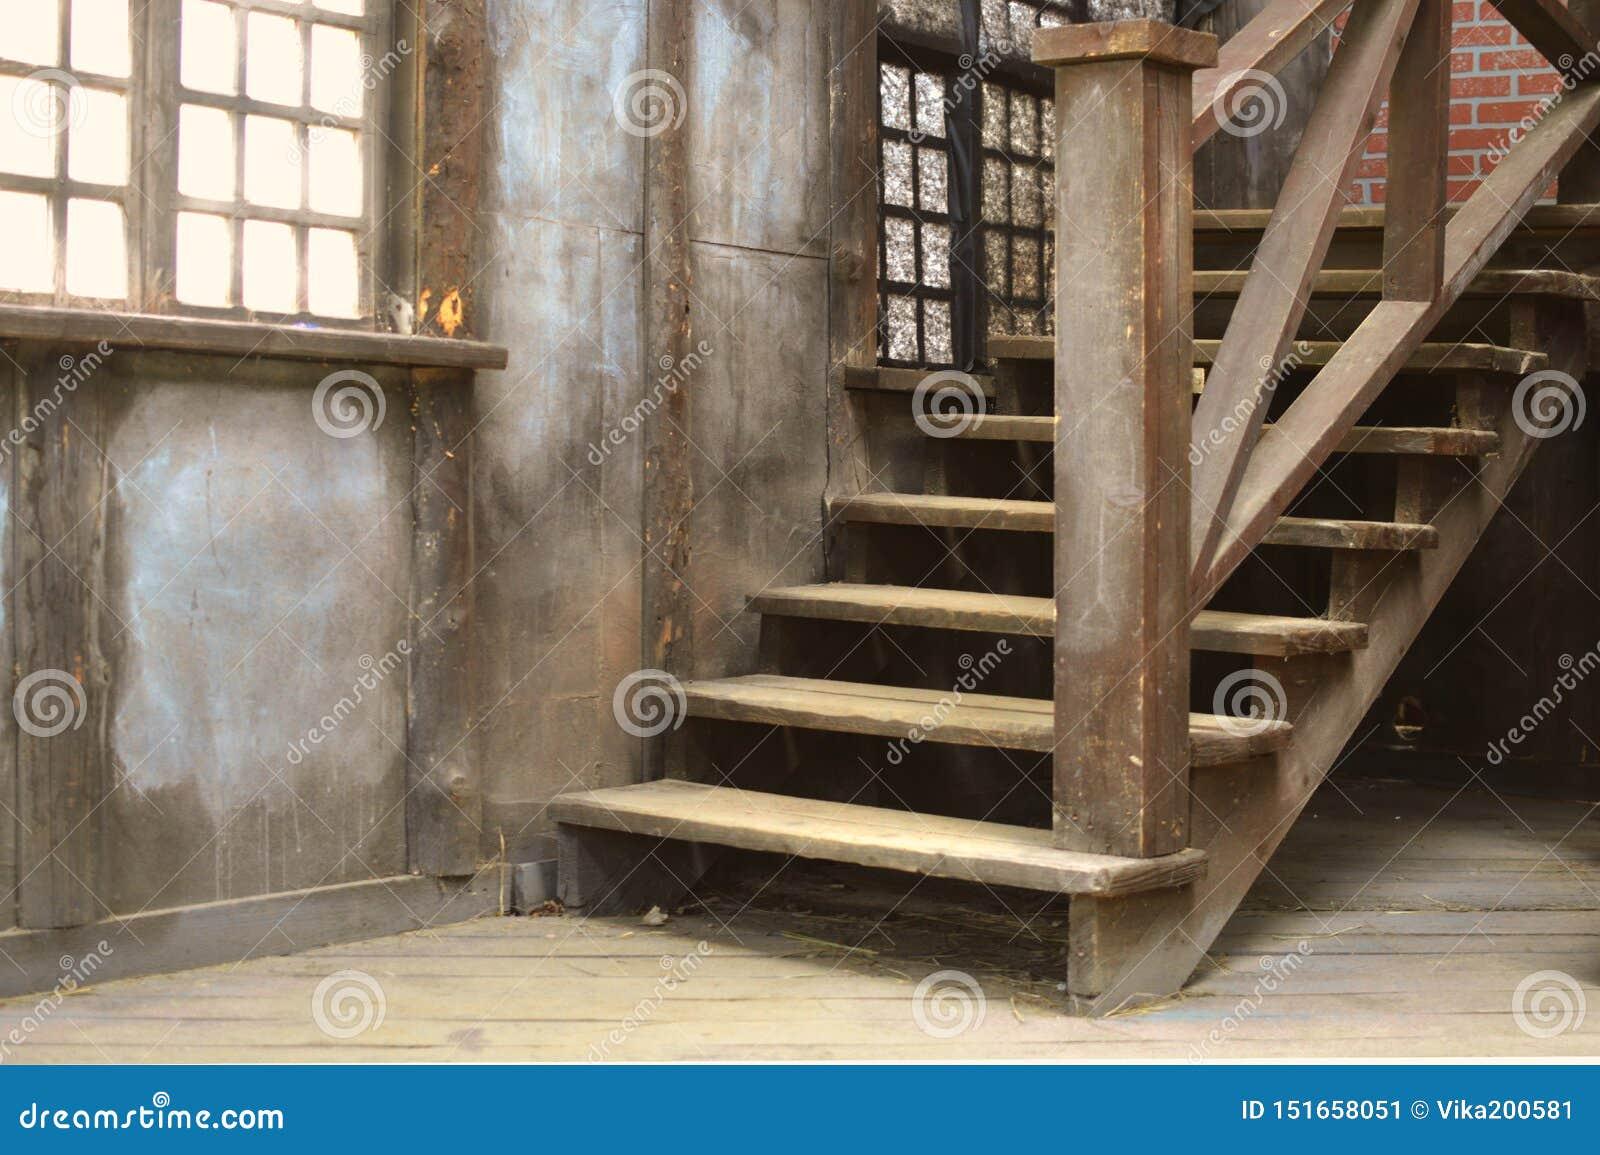 Escalera polvorienta de madera vieja con una barandilla